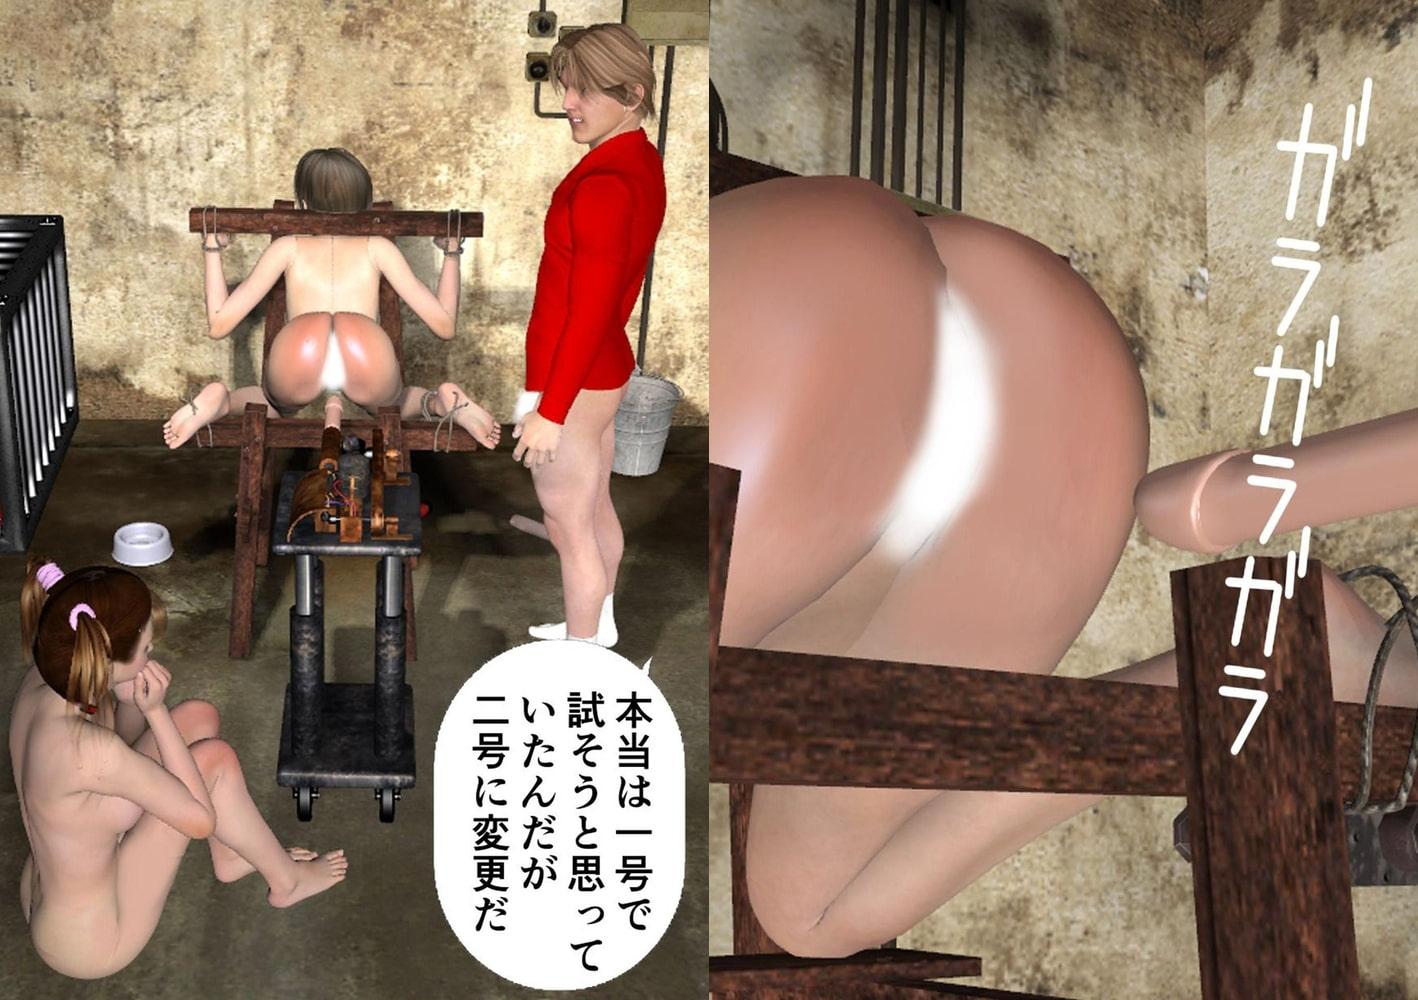 監禁 美少女飼育 4